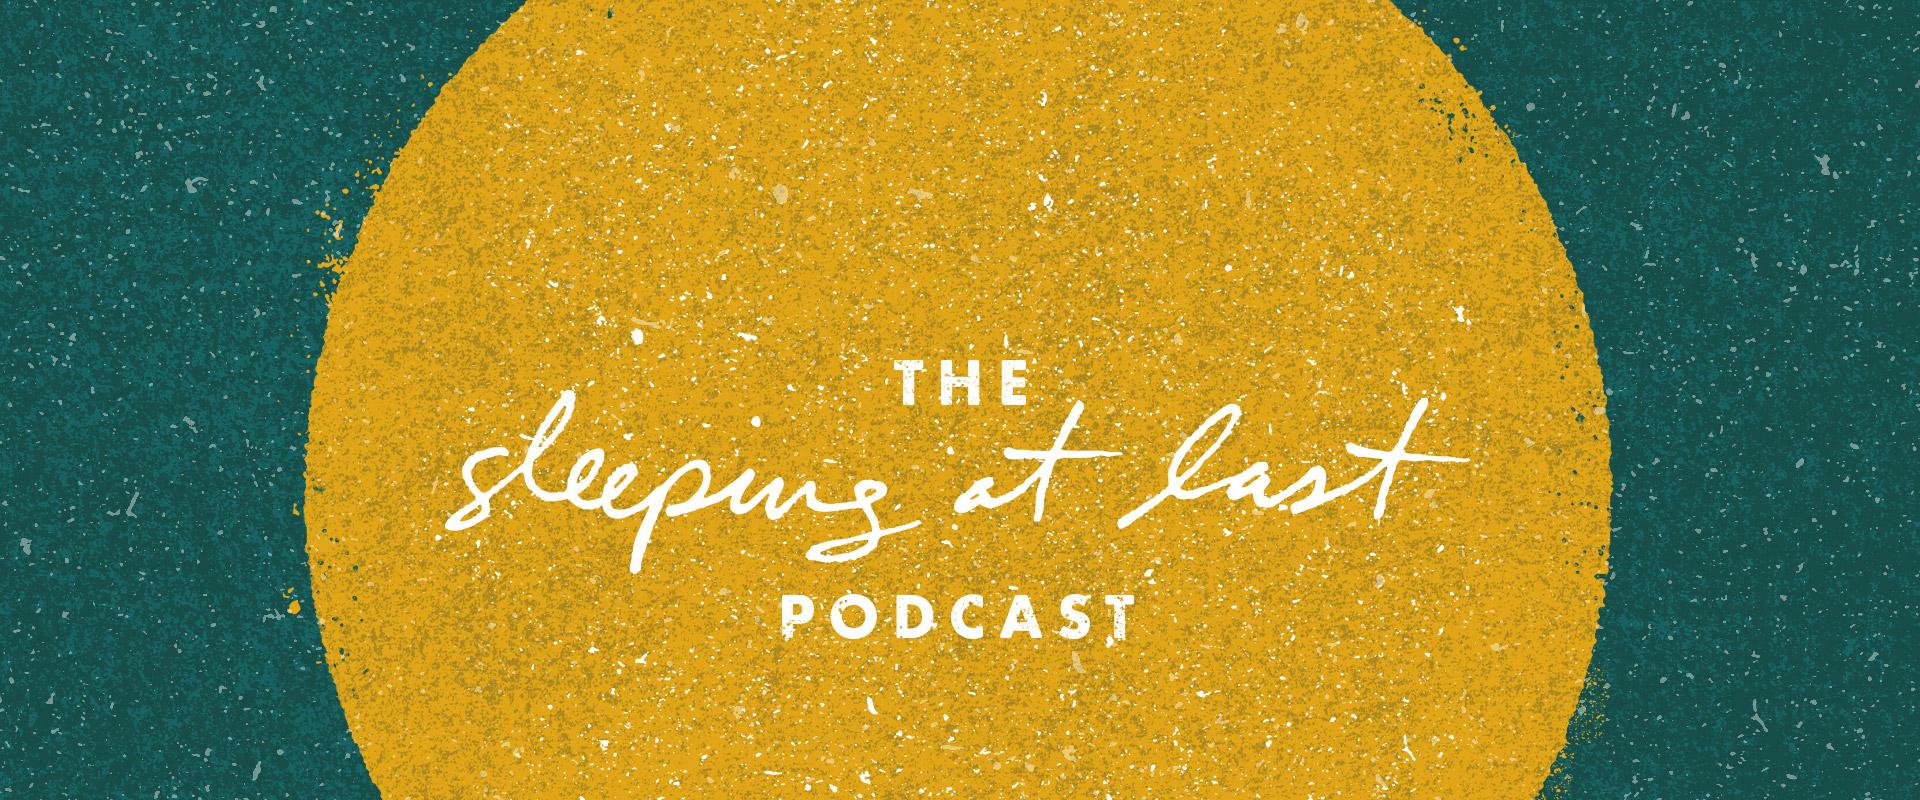 Podcast-website.jpg